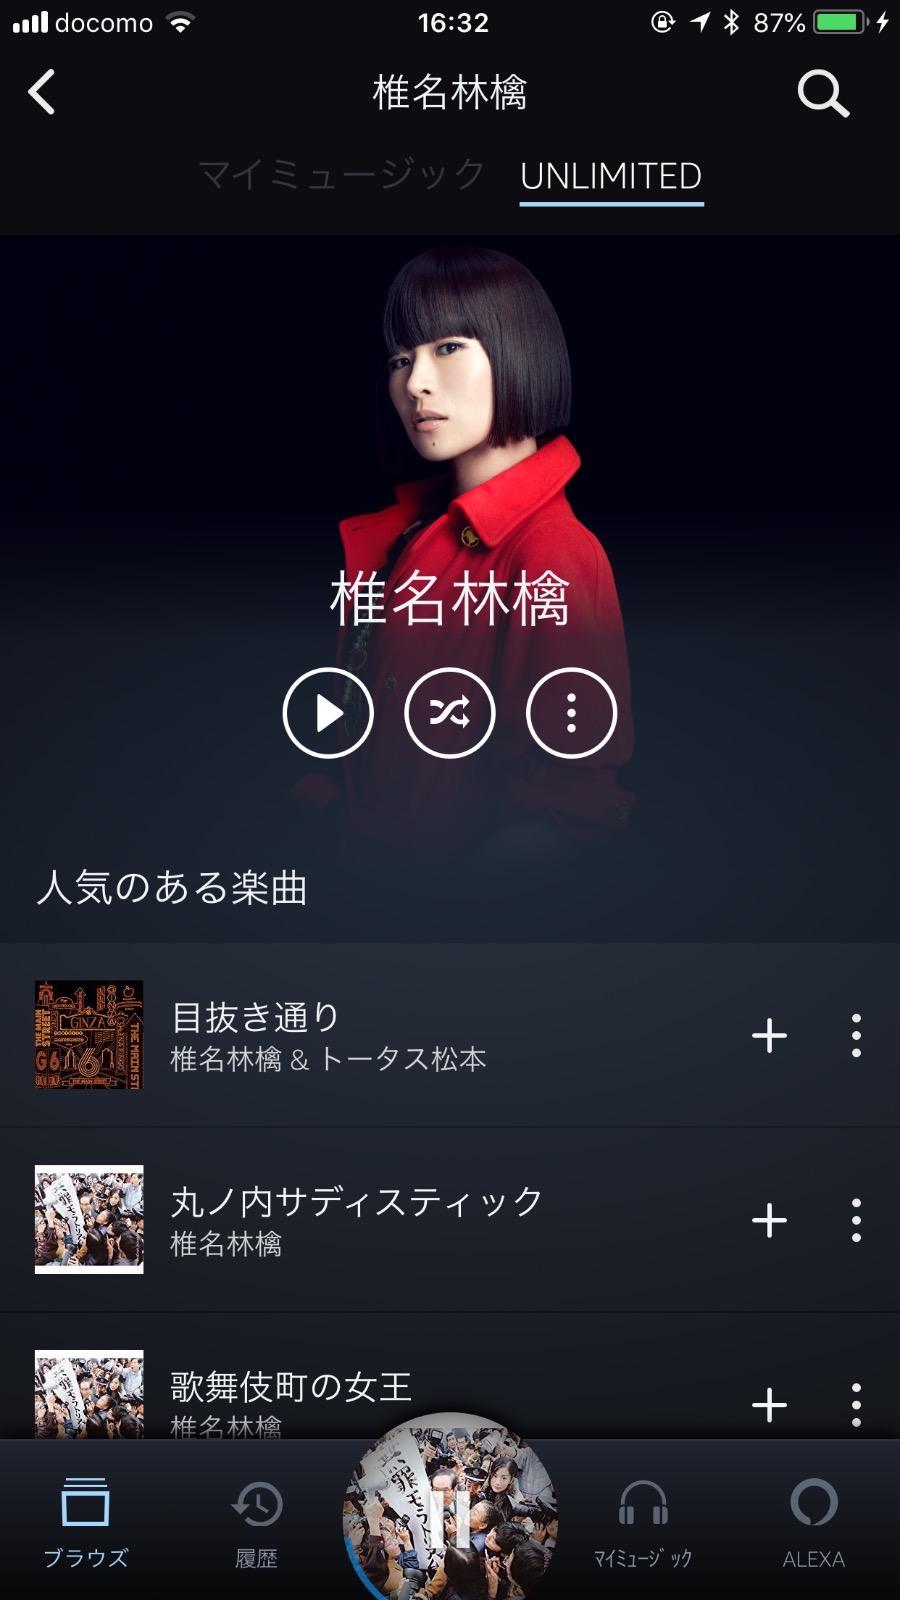 椎名林檎、デビュー20周年を記念し全188曲のストリーミング配信を開始